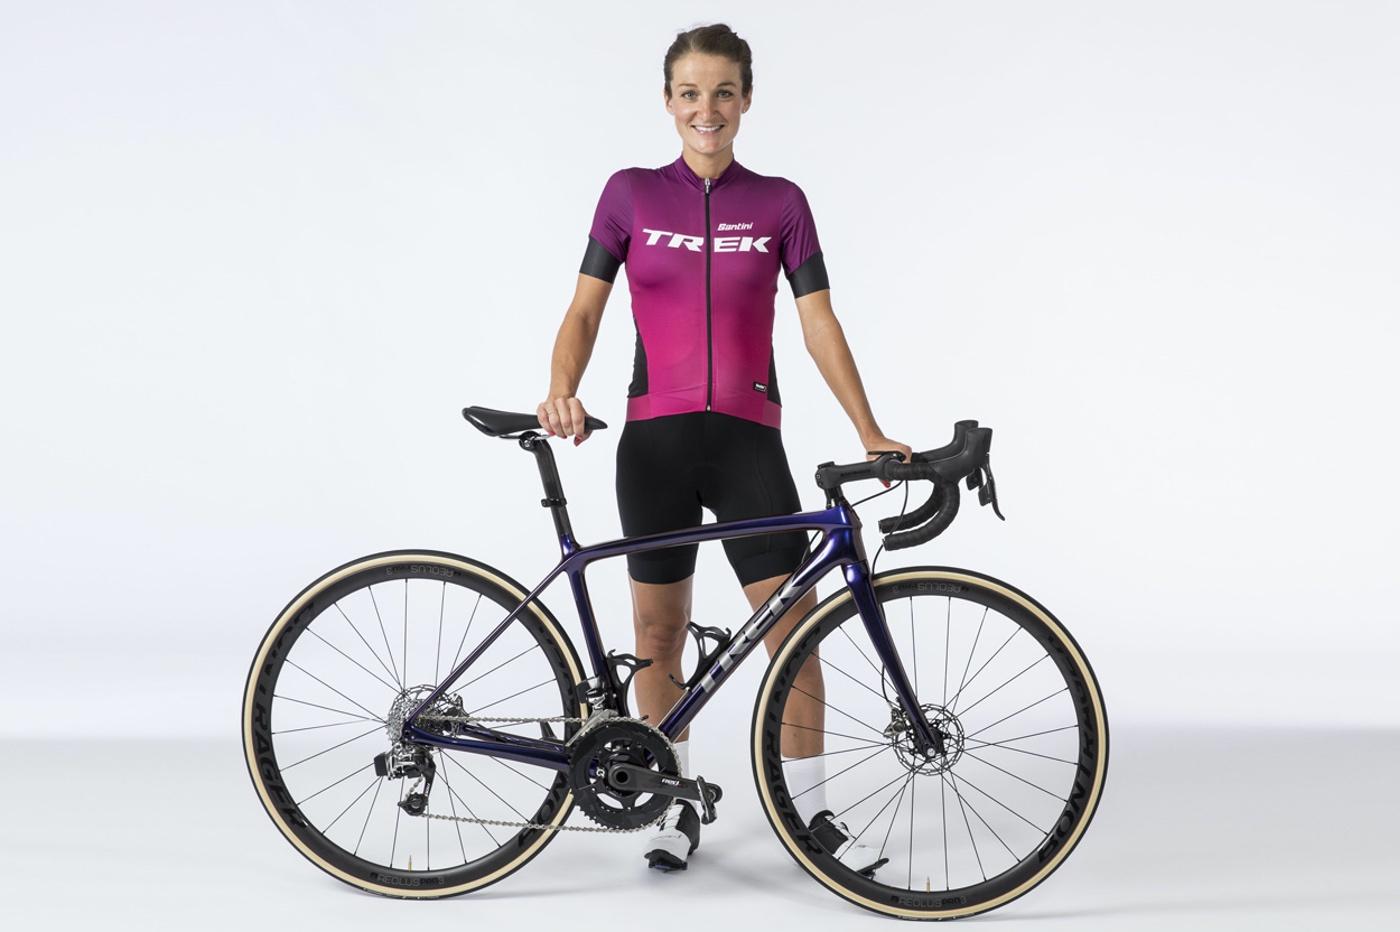 Trek y Lizzie Deignan unen fuerzas en un equipo ciclista femenino